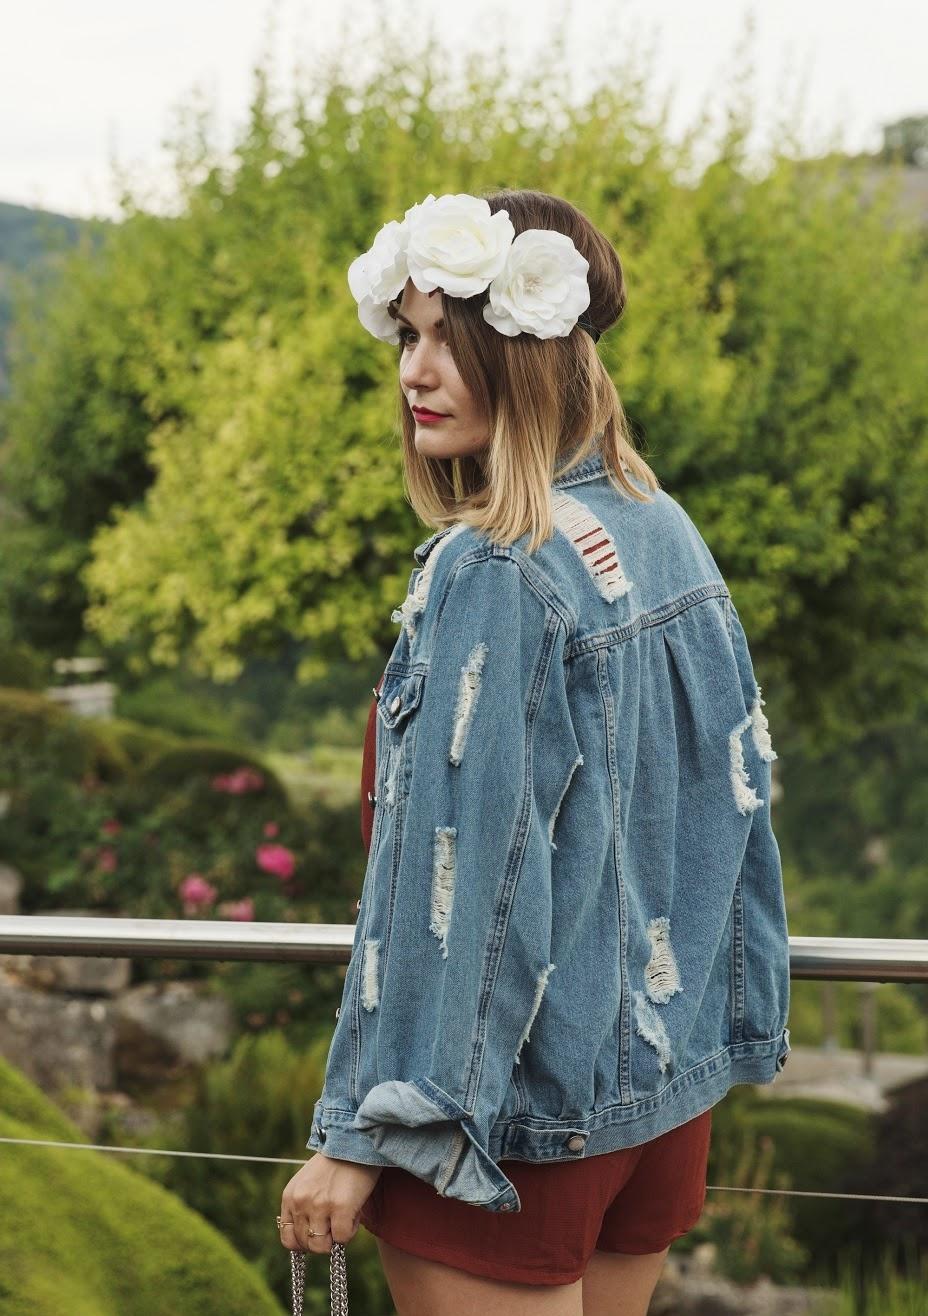 selection-romantique-tendances-printemps-ete-2018-semaine-mode-spring-volants-dentelle-voile-lace-babydoll-pauline-dress-blog-mode-deco-lifestyle-besancon